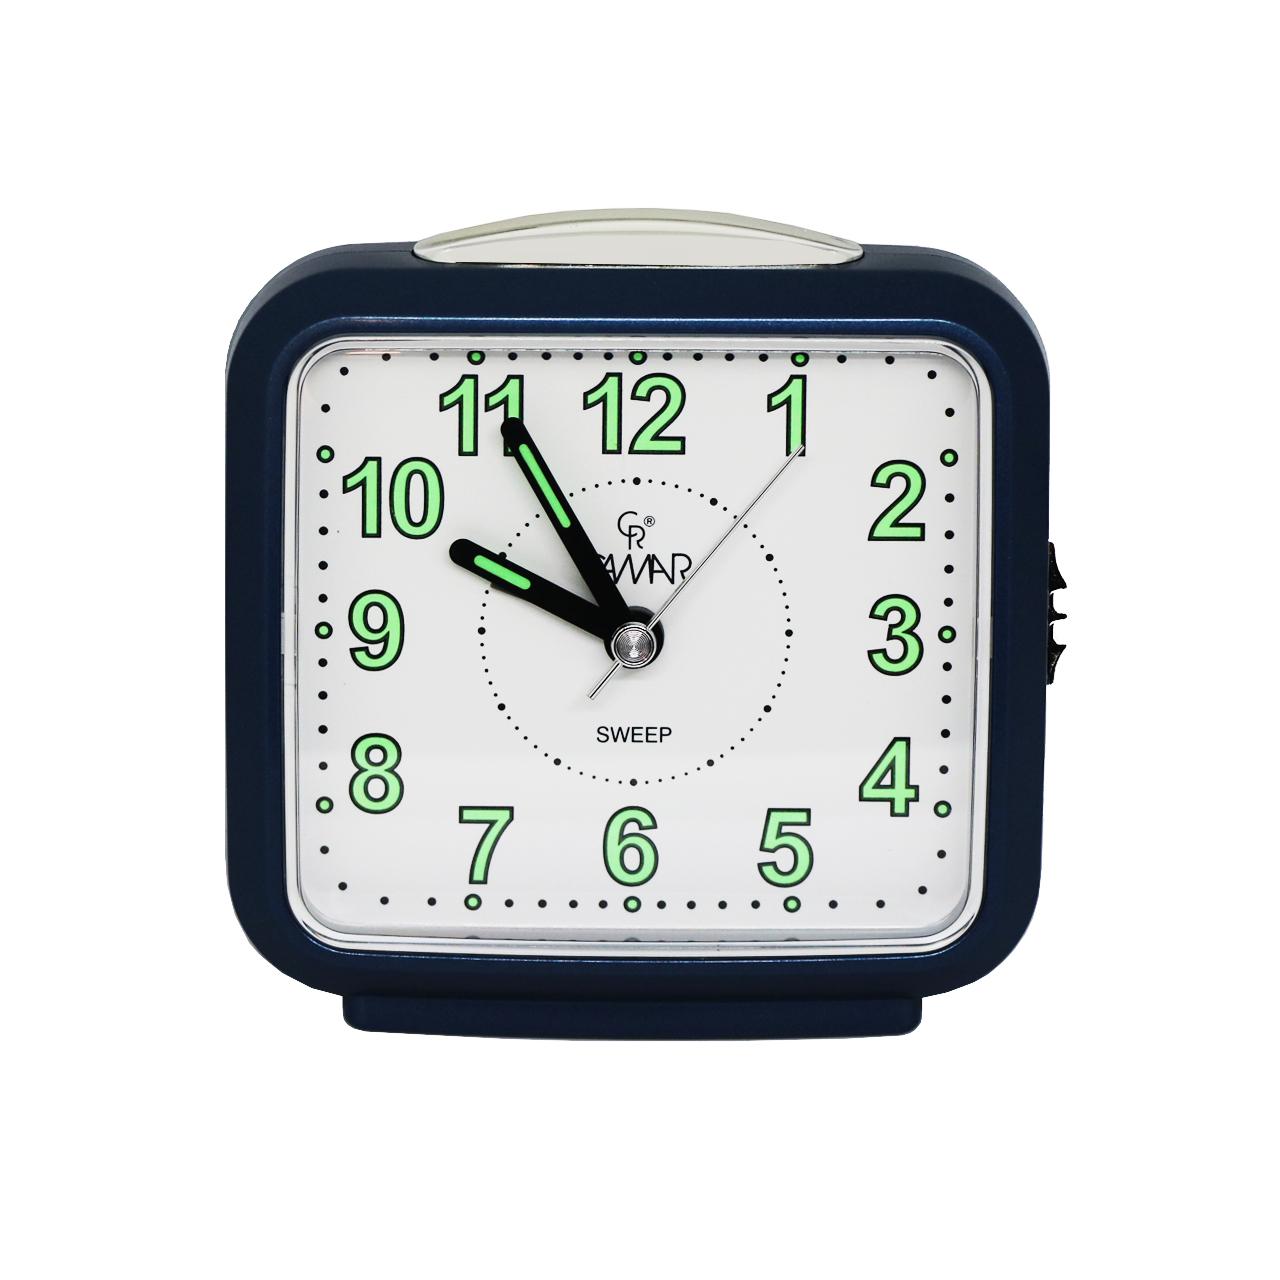 ساعت رومیزی کامار مدل A415